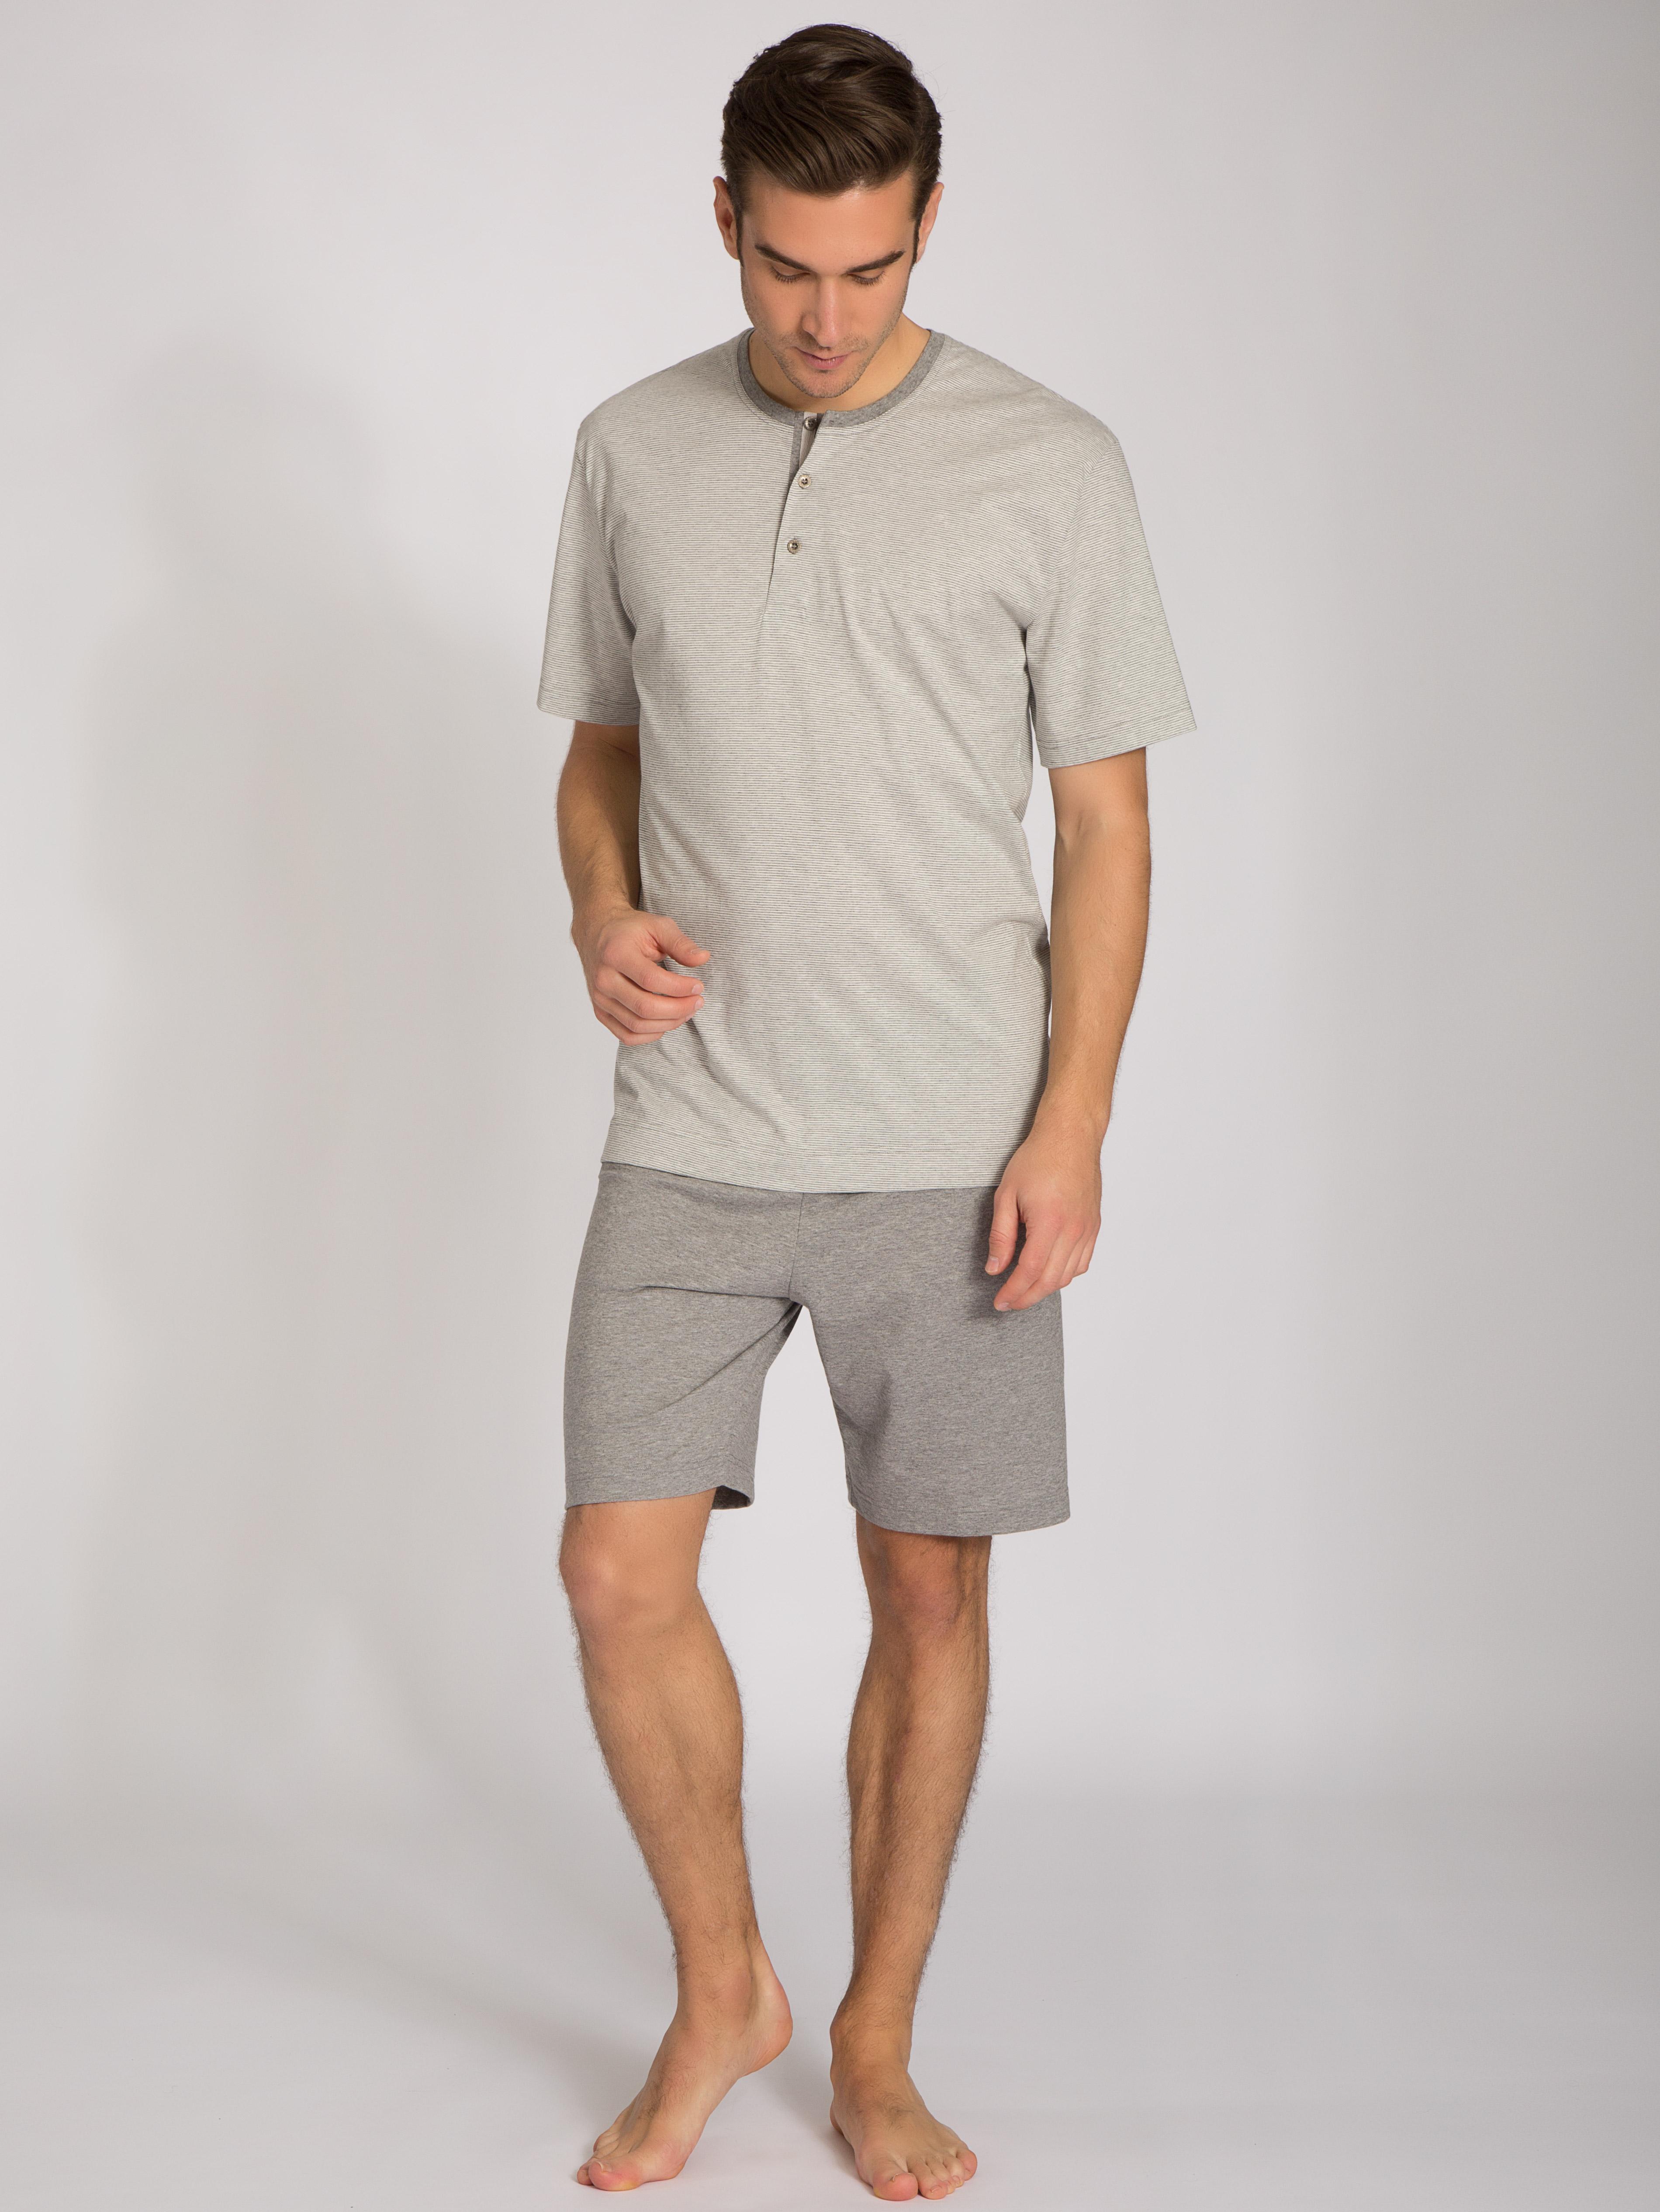 Artikel klicken und genauer betrachten! - Kurz-Pyjama mit Knopfleiste aus der Serie PORT LOUIS von CALIDA. Die leichte Single Jersey-Qualität ist perfekt für laue Sommernächte, während der sportliche Bicolor-Ringelprint perfekt zu den maskulinen Details passt. Ein toller Style für Männer, die es lässig mögen. | im Online Shop kaufen